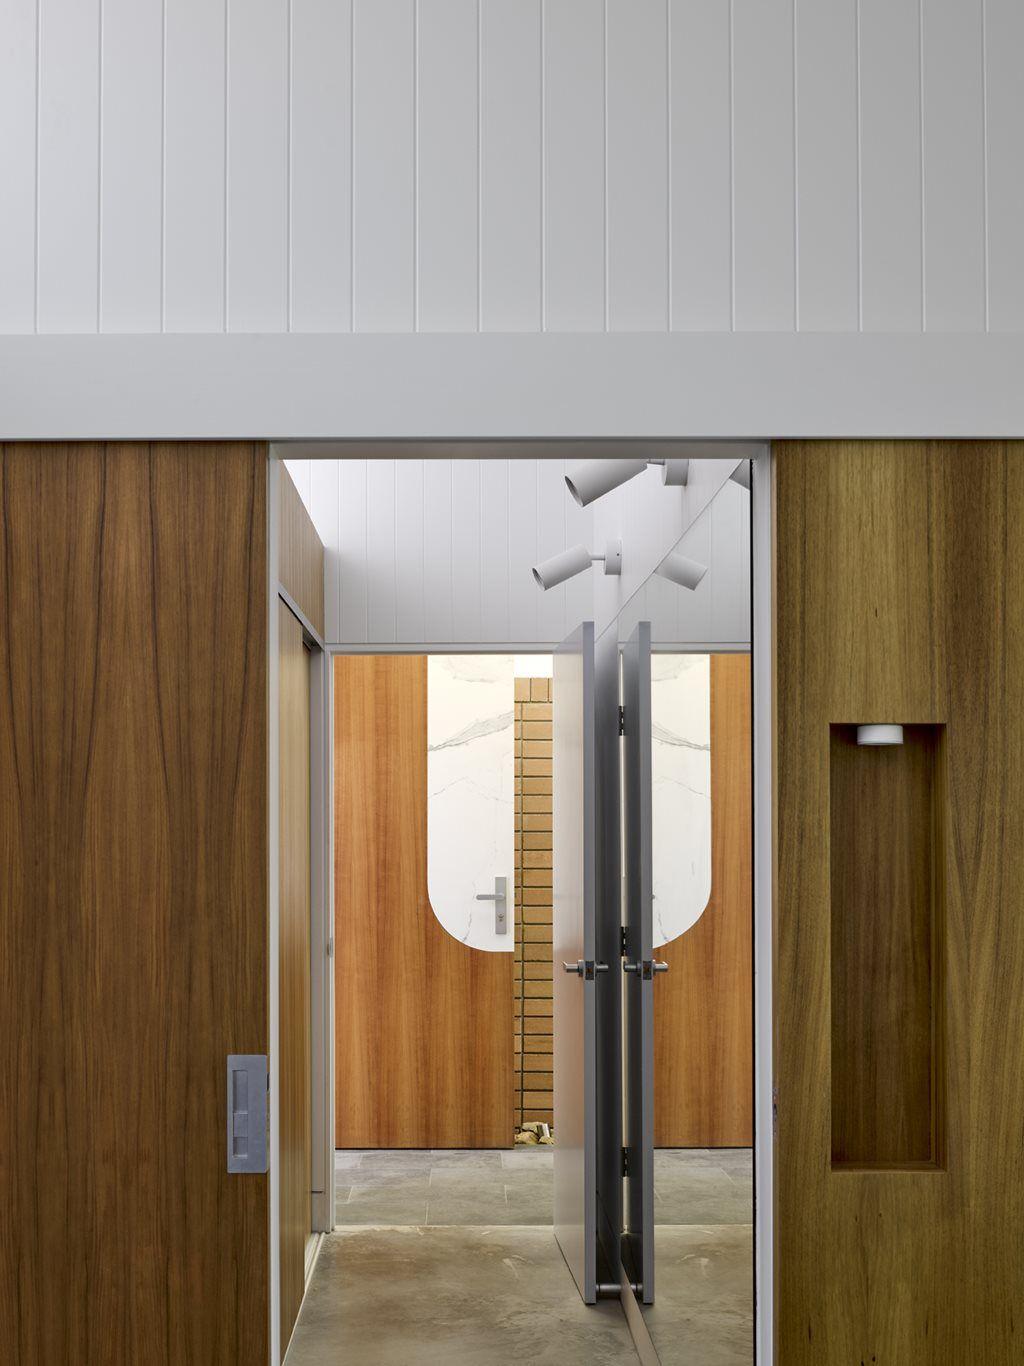 Bathroom with door open